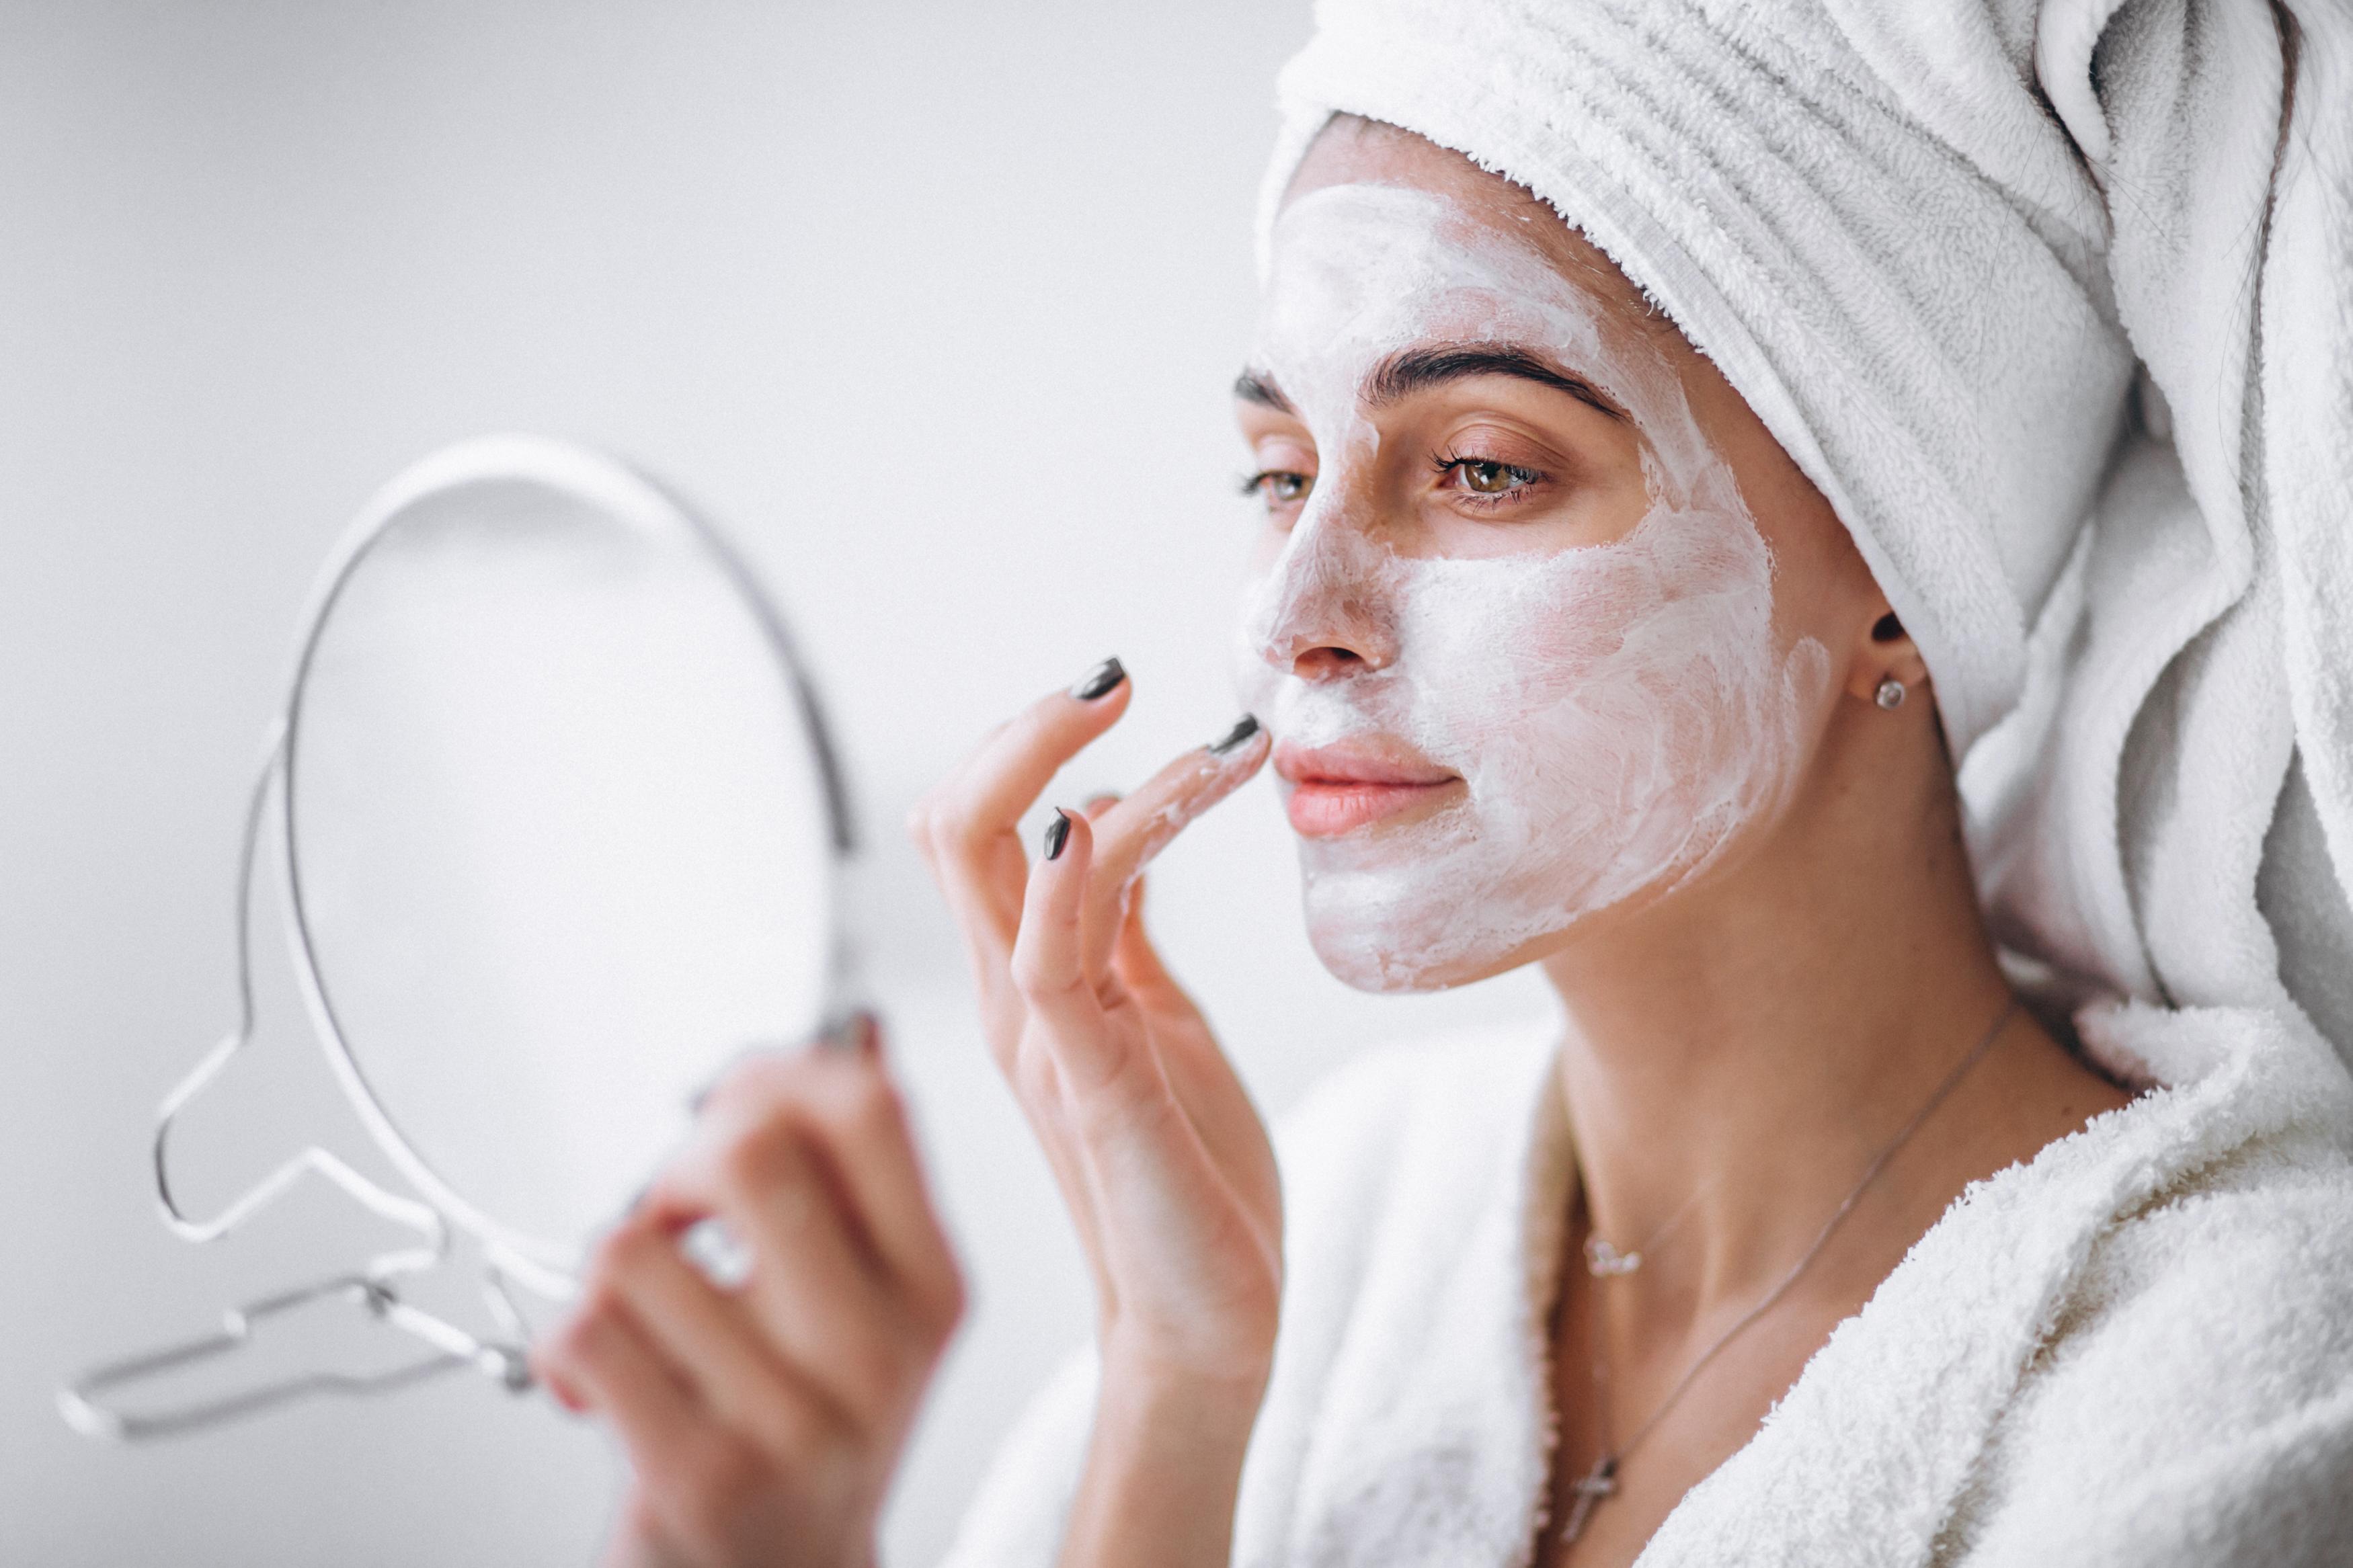 Woman aplying beauty mask,close up